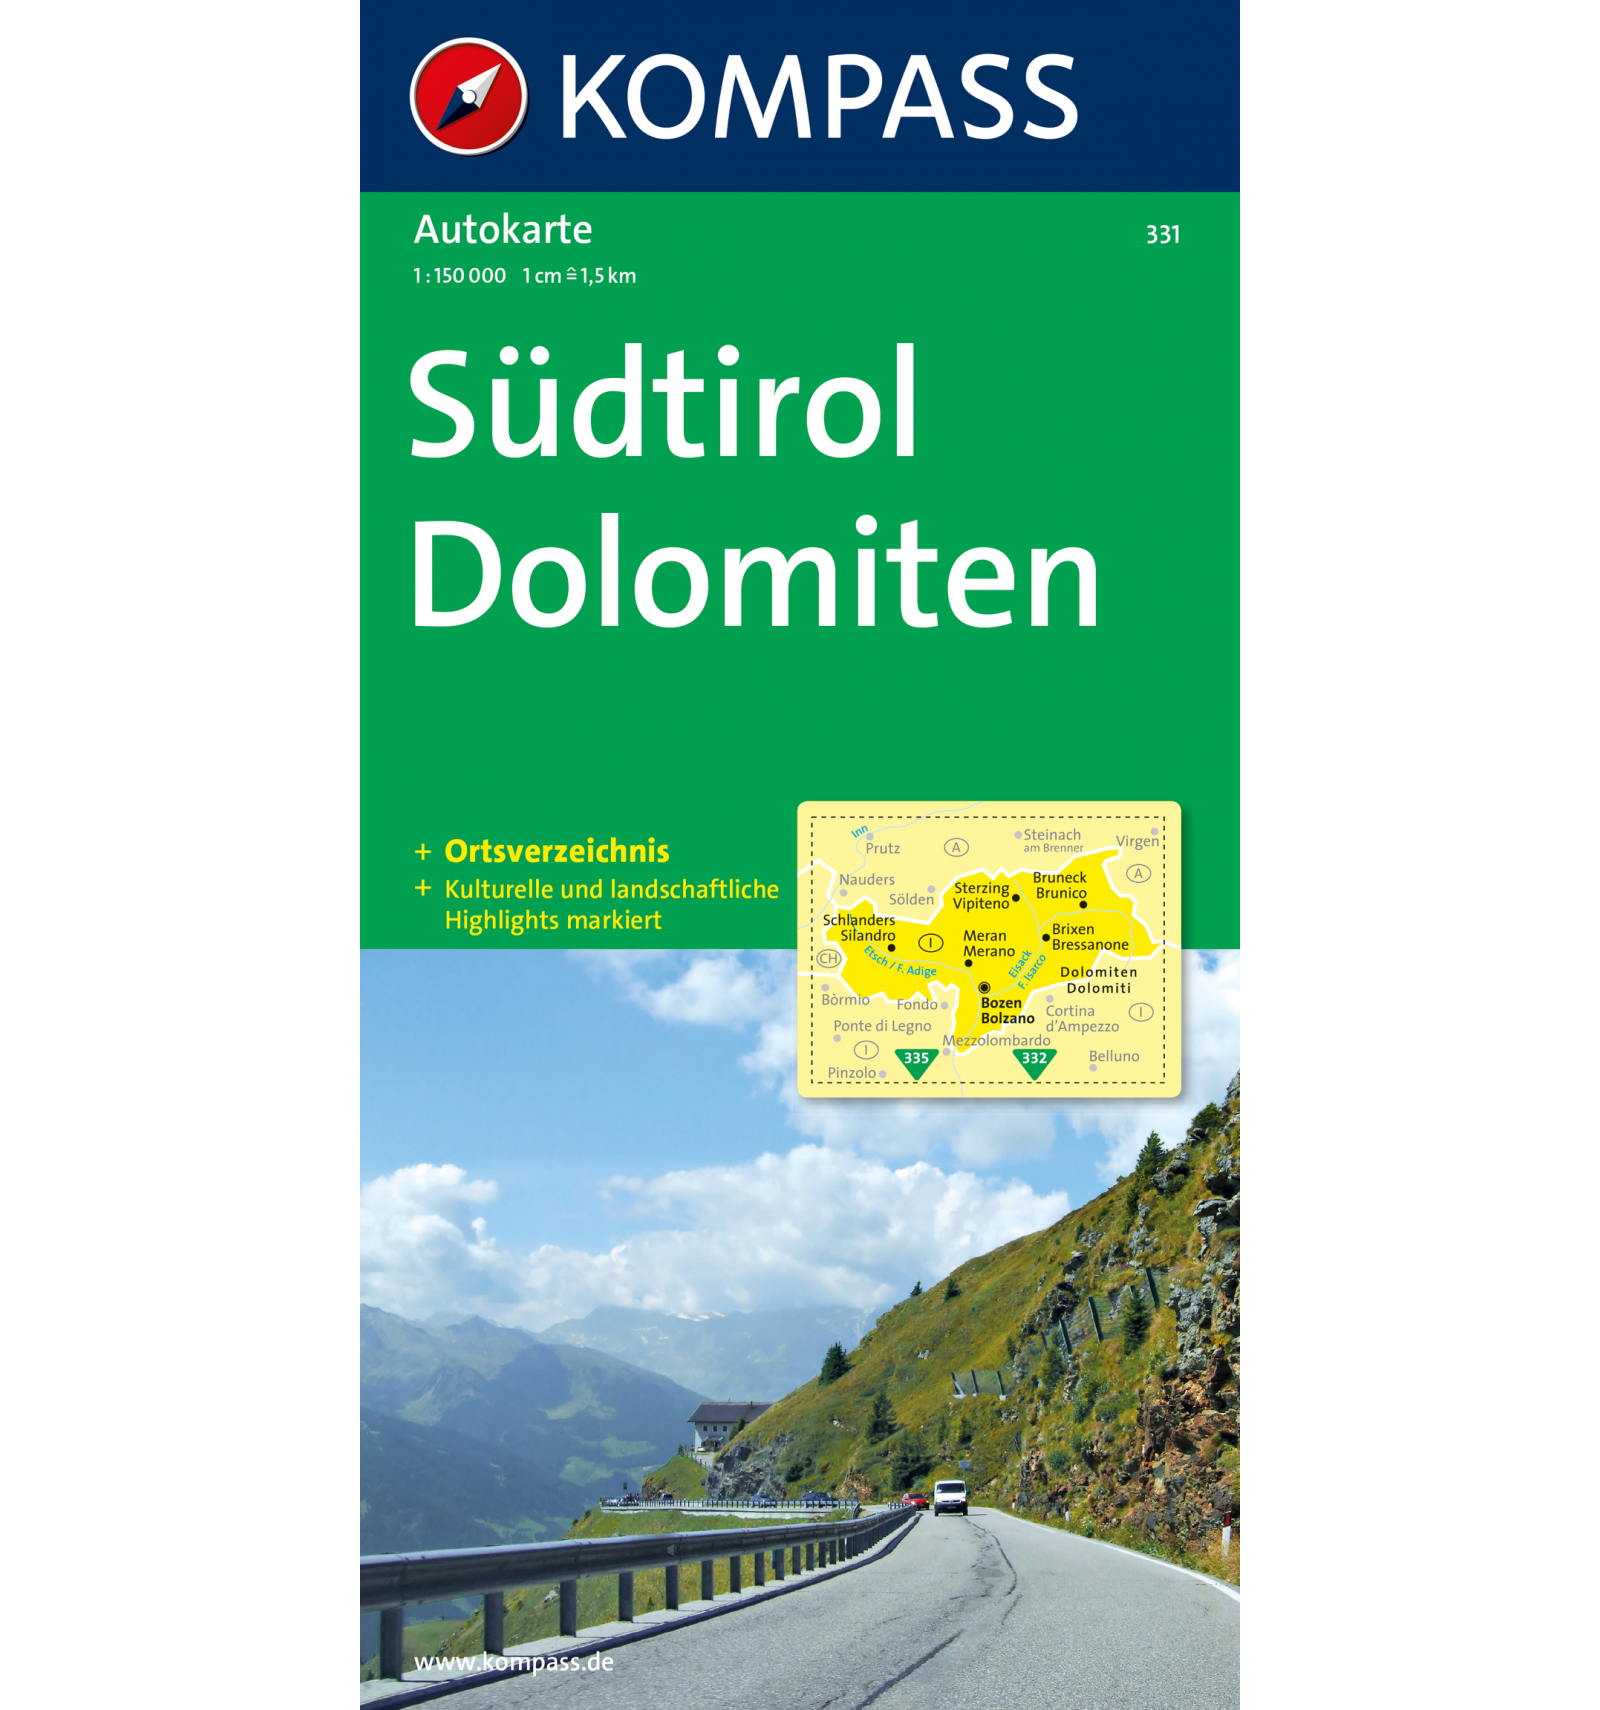 KP-331 Südtirol, Dolomiten Autokarte 1:150.000 9783854911838  Kompass   Landkaarten en wegenkaarten Zuidtirol, Dolomieten, Friuli, Venetië, Emilia-Romagna